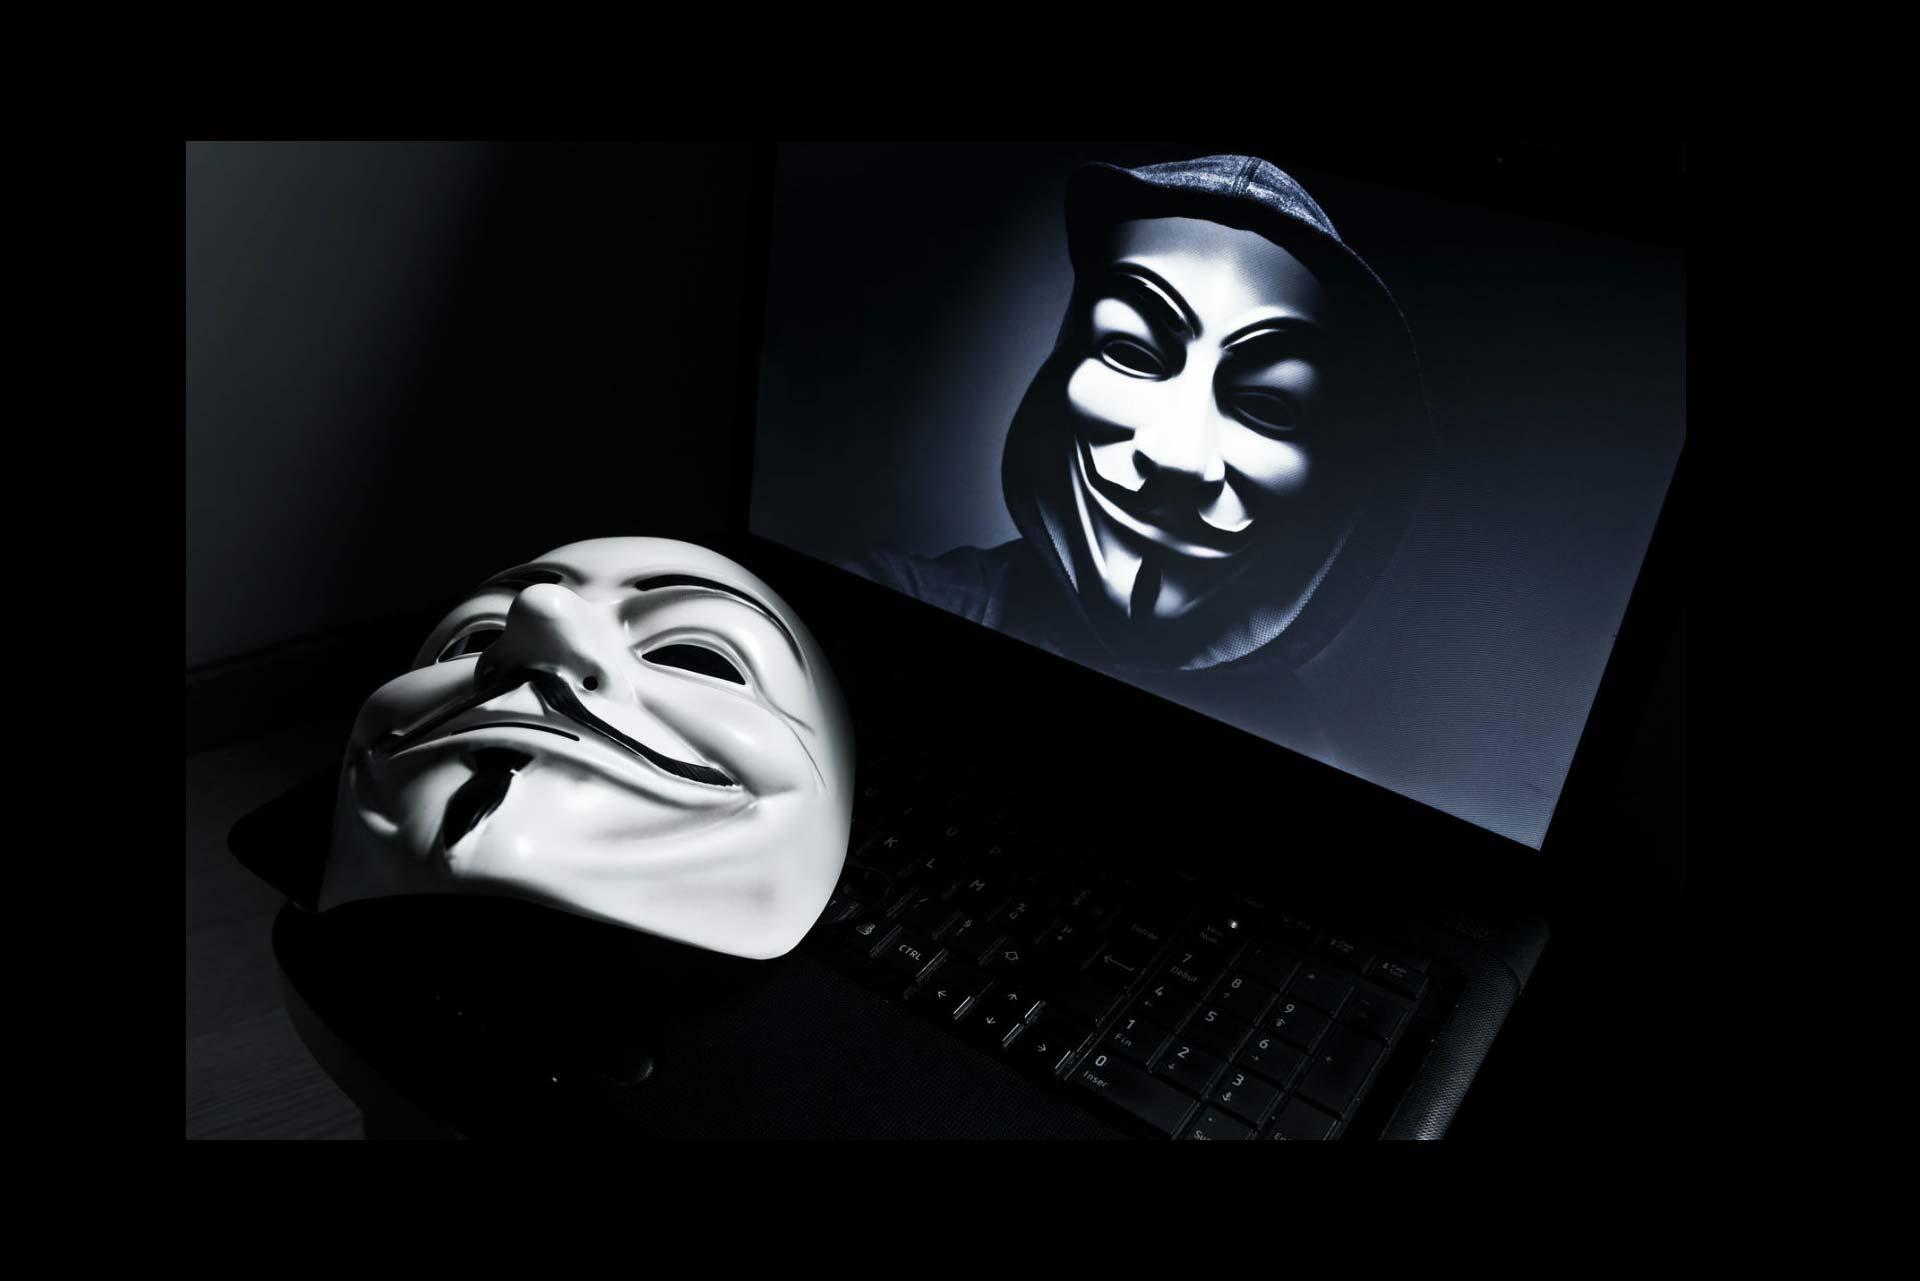 El polémico magnate, que aspira a ser presidente de EE.UU., está en la mira del grupo de hackers